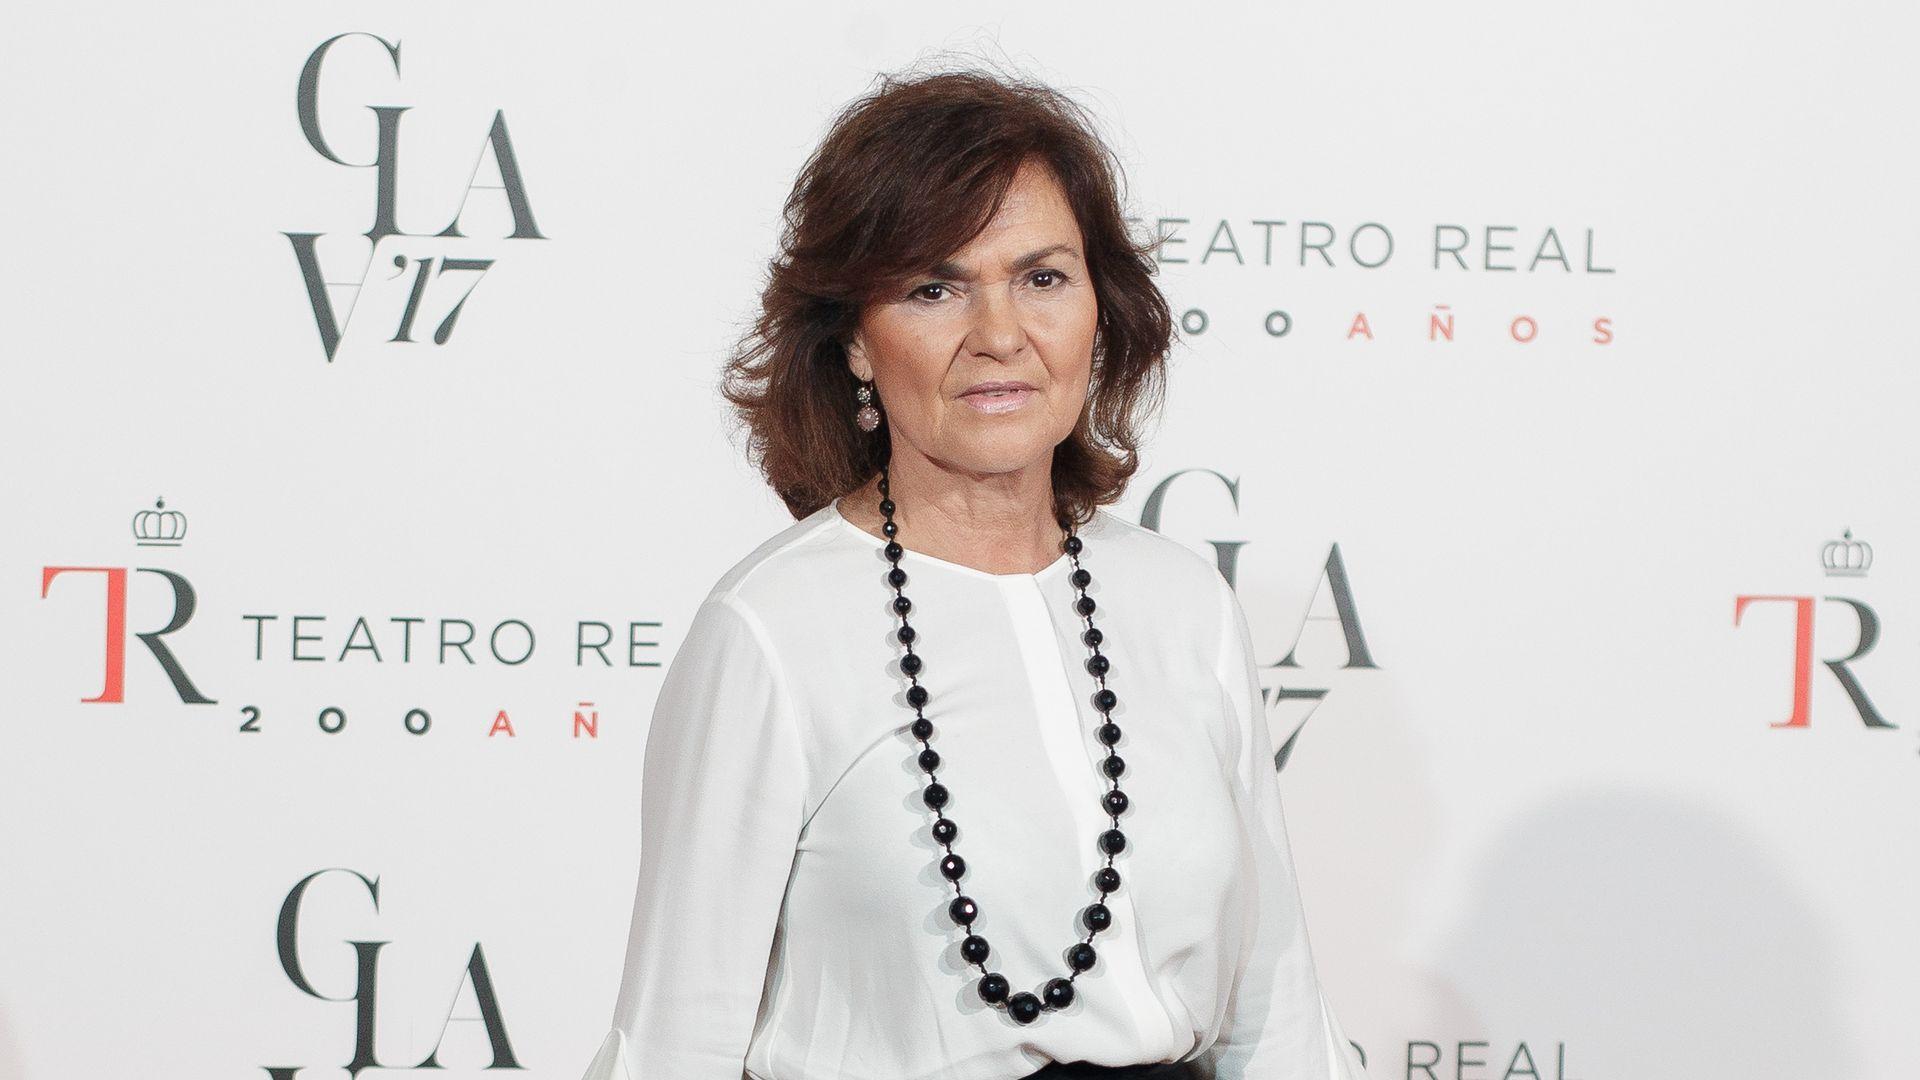 Carmen Calvo, Spain's new deputy prime minister